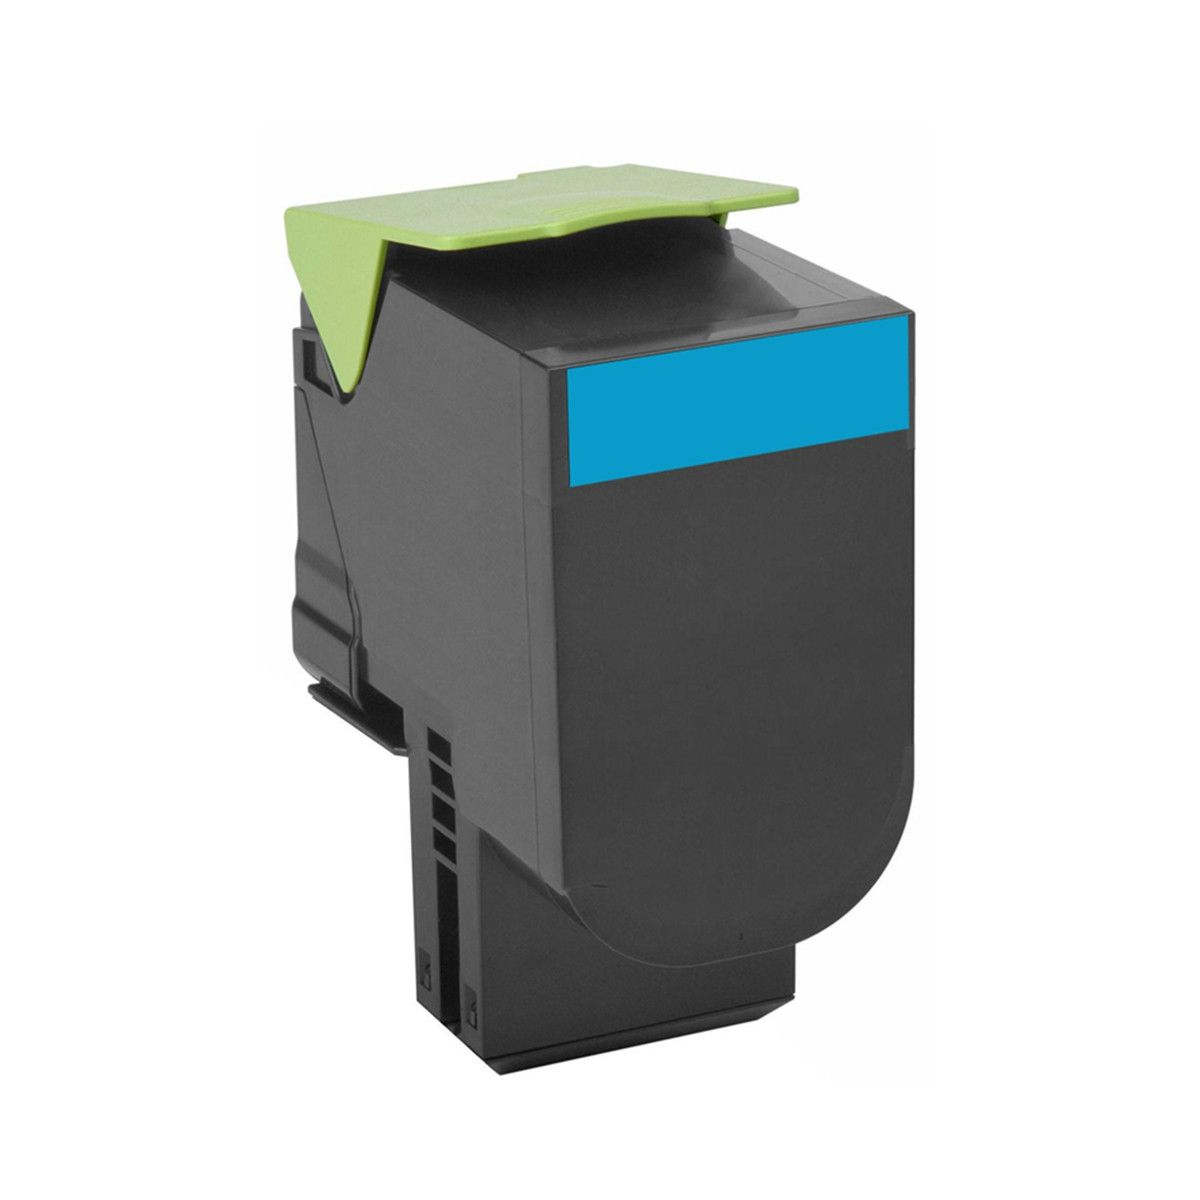 Toner compatível com Lexmark [71B40C0] CX317 CX417 CX517 Ciano 2.300 Páginas - Cartucho & Cia